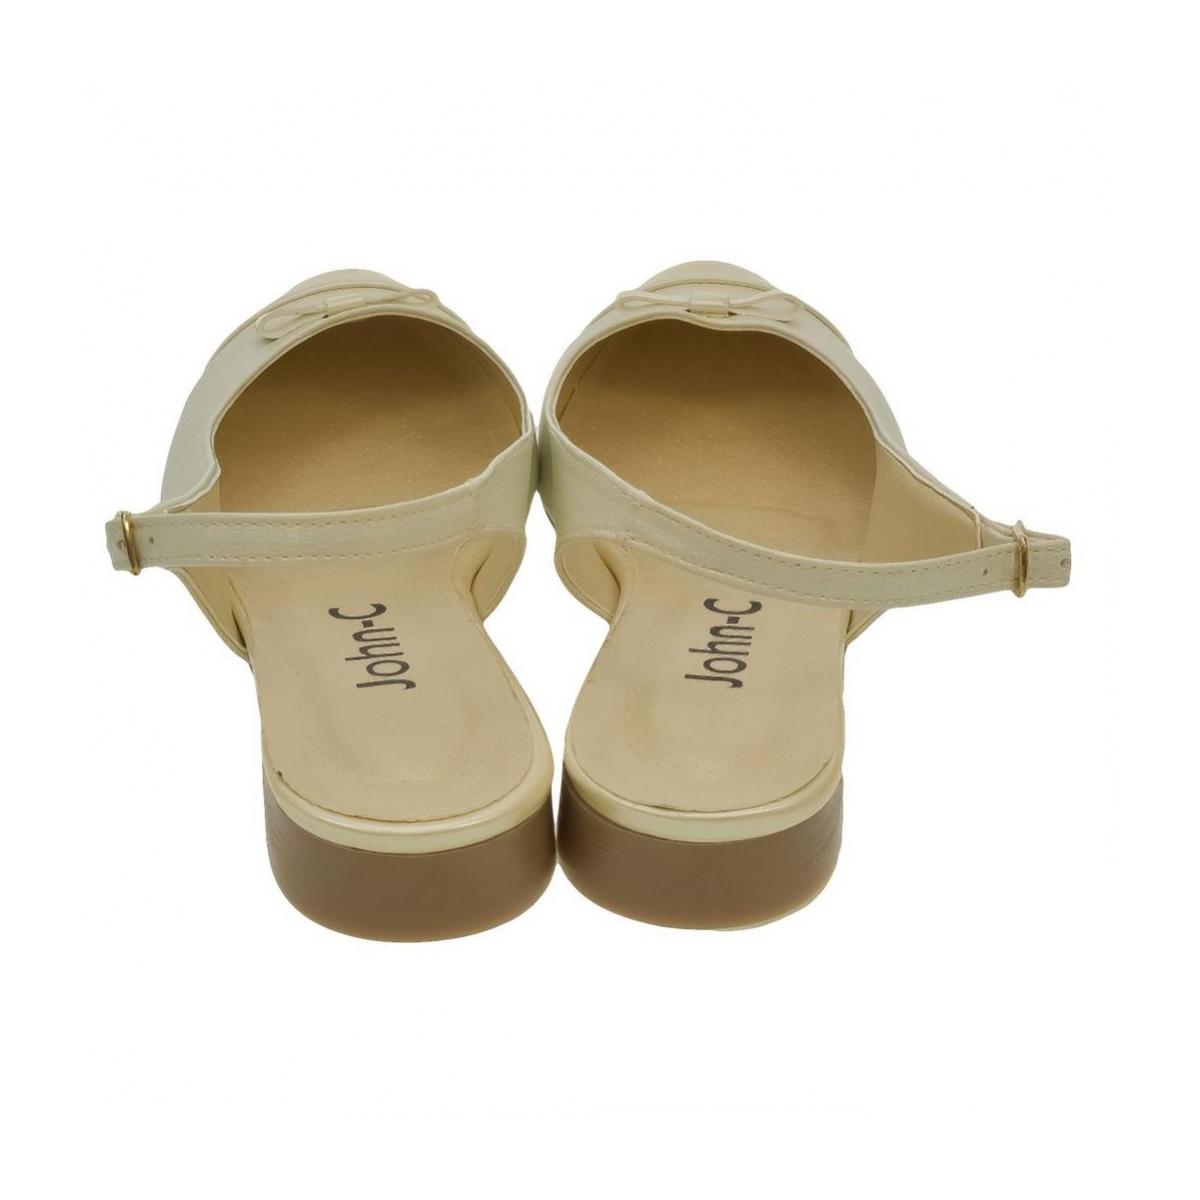 e9cfcdee10a8 Dámske zlato-béžové sandále EVELINE - 3